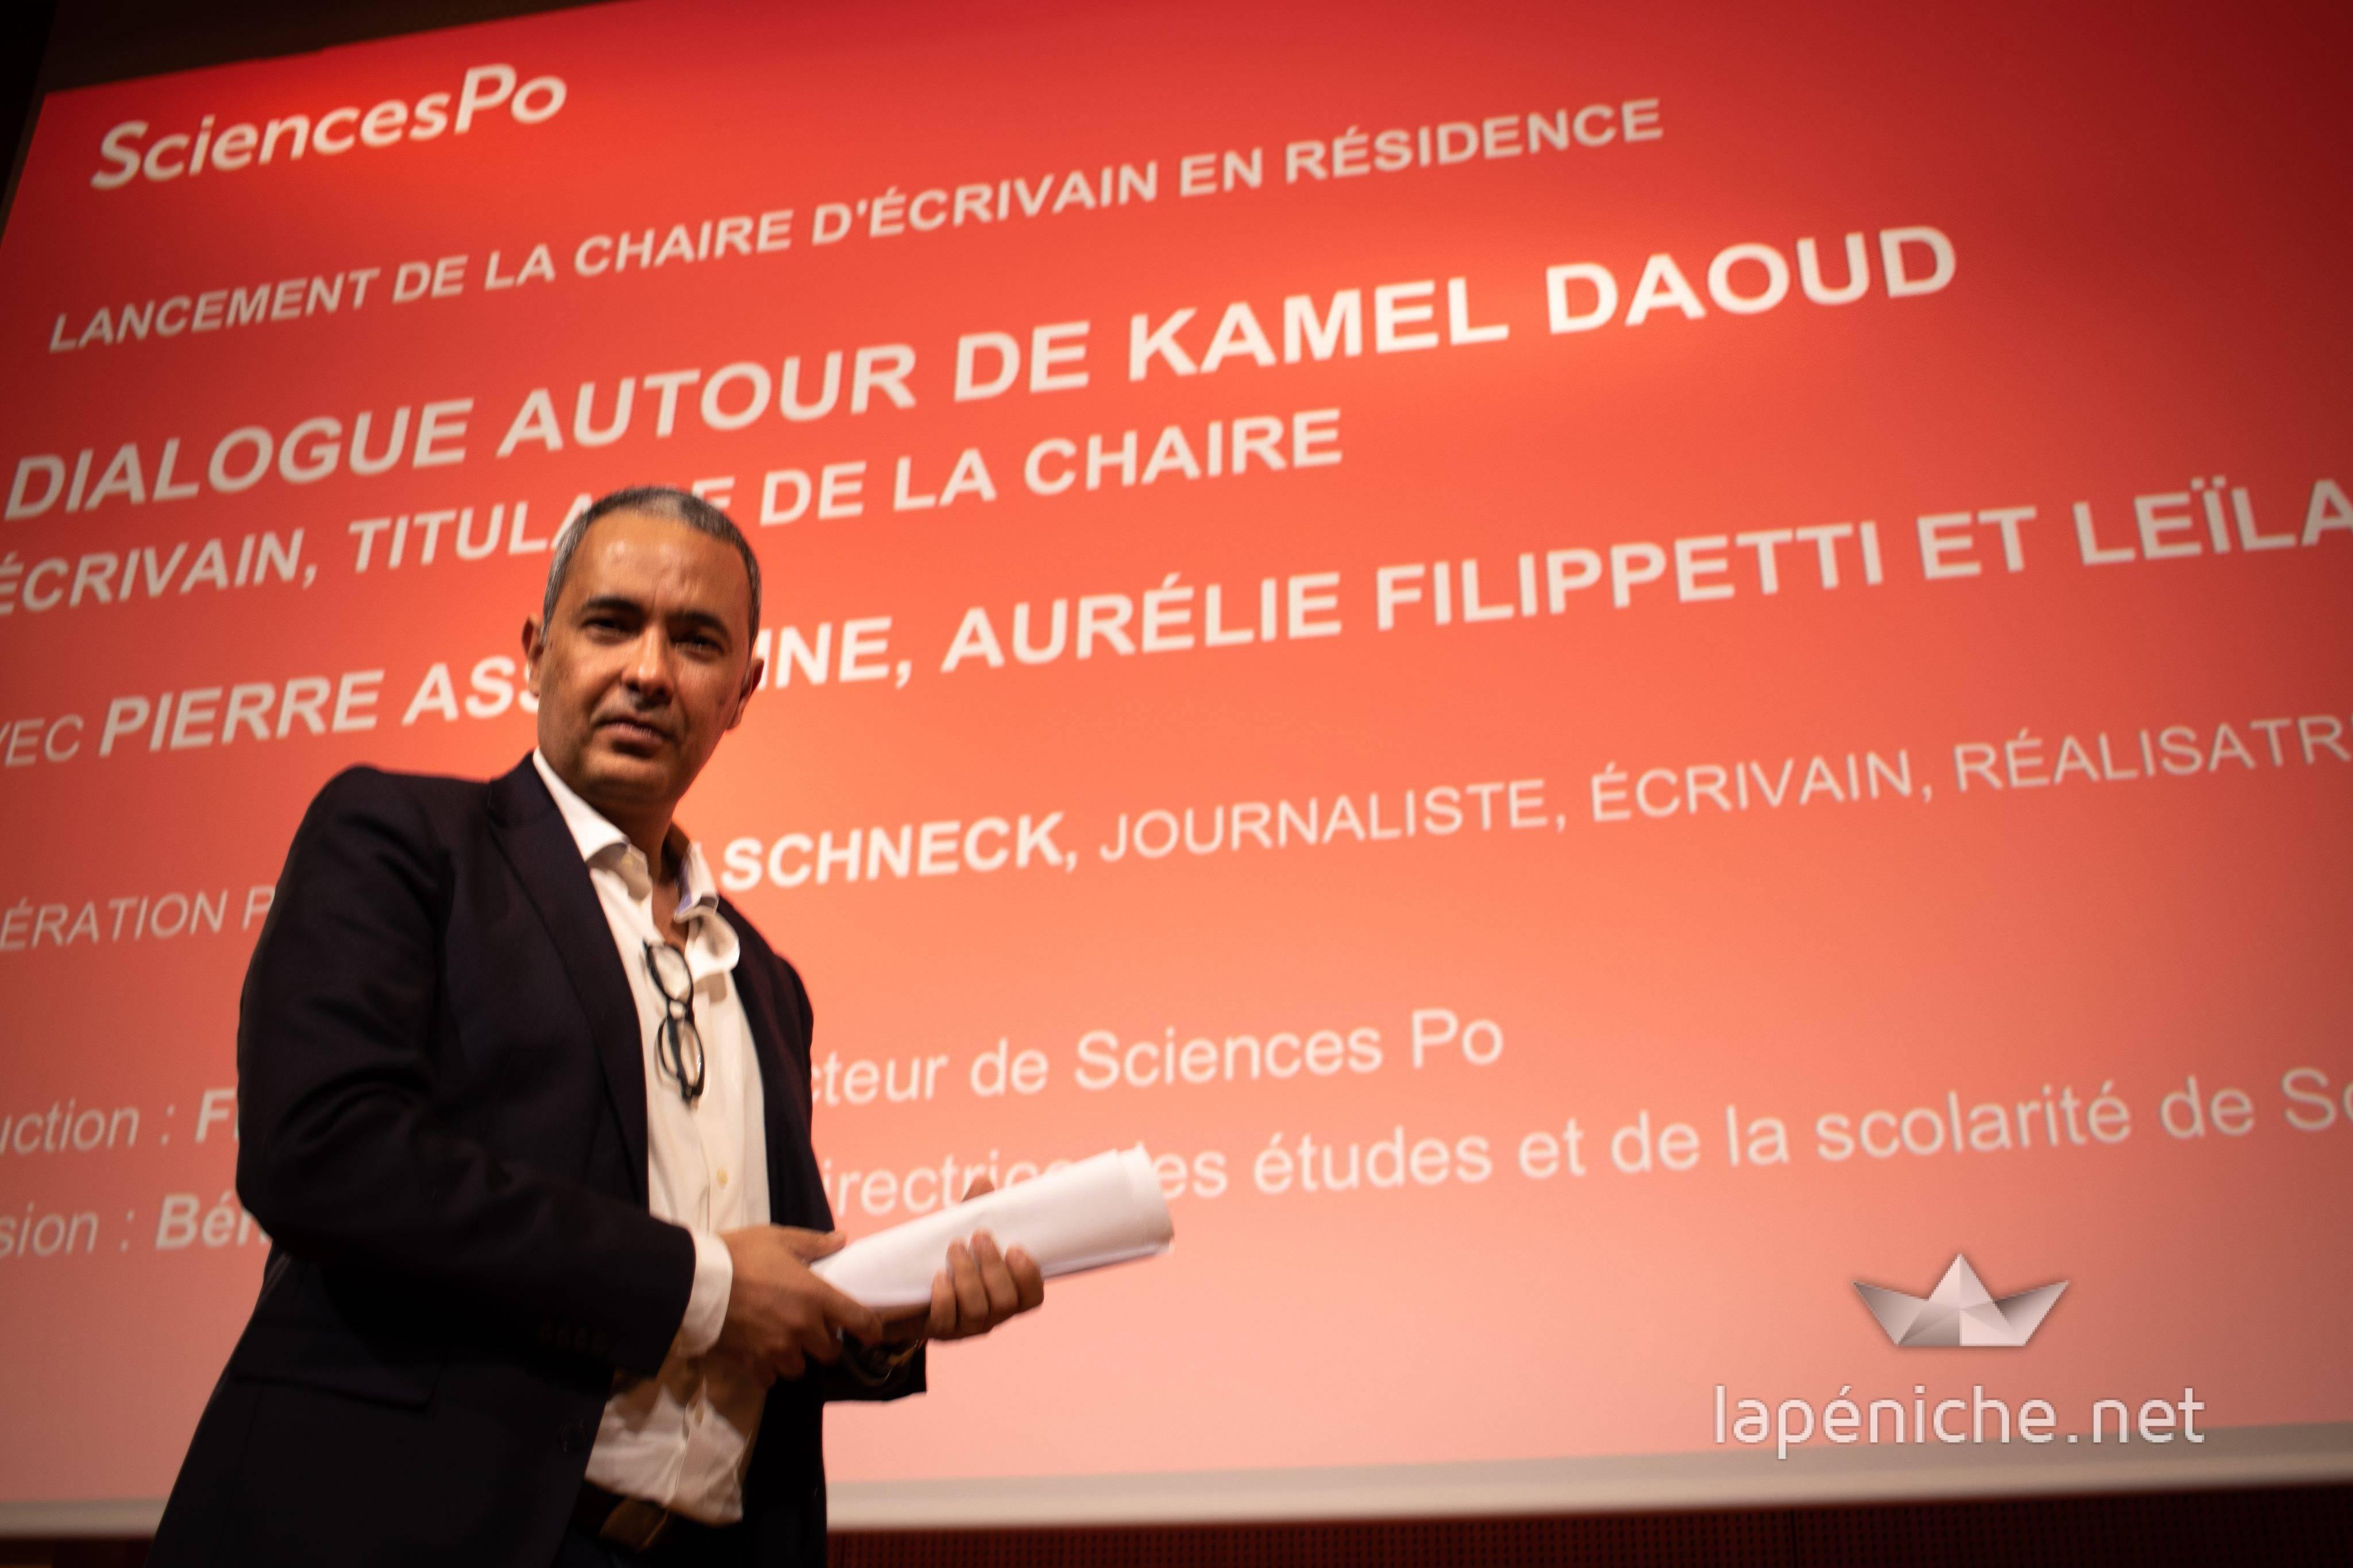 Conférence de Kamel Daoud : quand l'écriture et la fiction prennent vie à Sciences Po